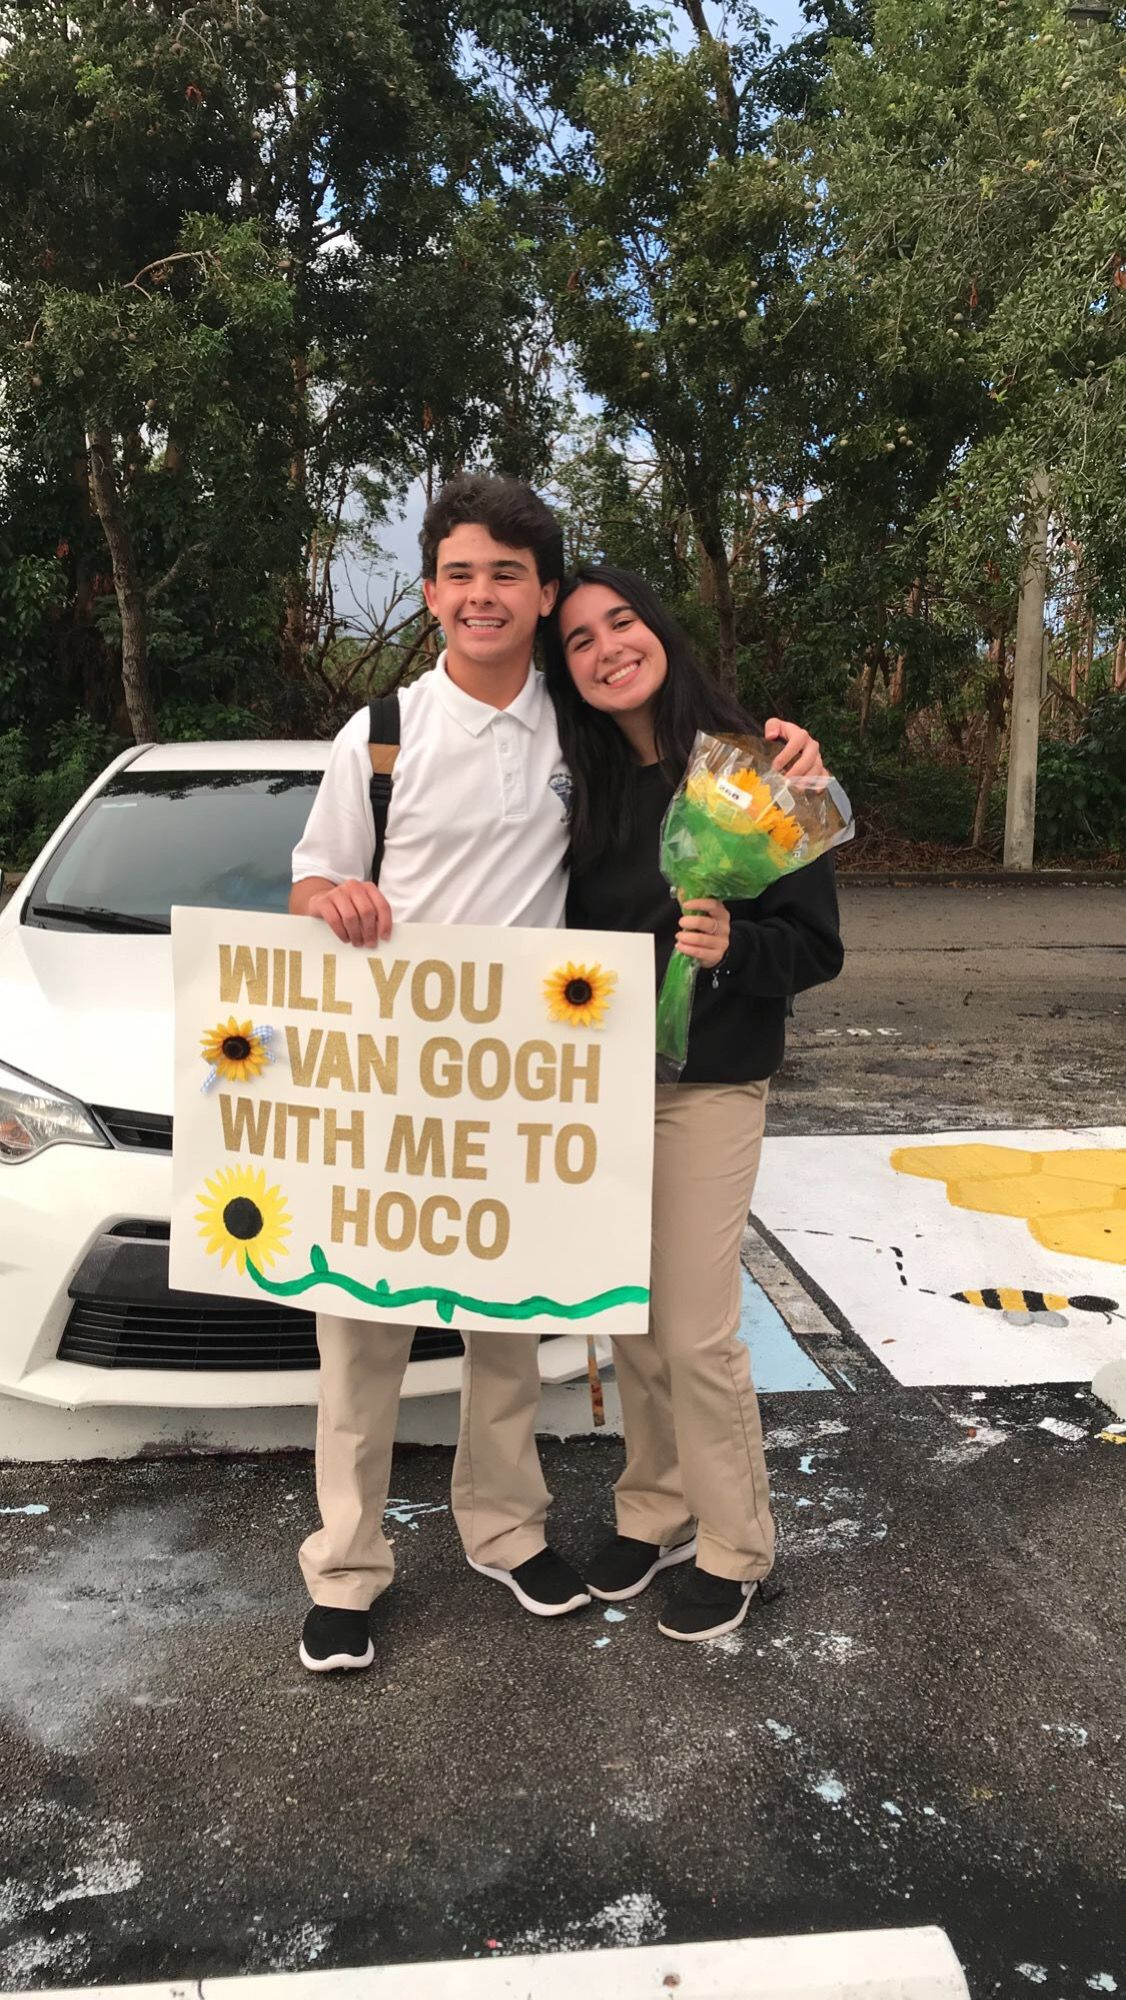 Van Gogh Homecoming Proposal